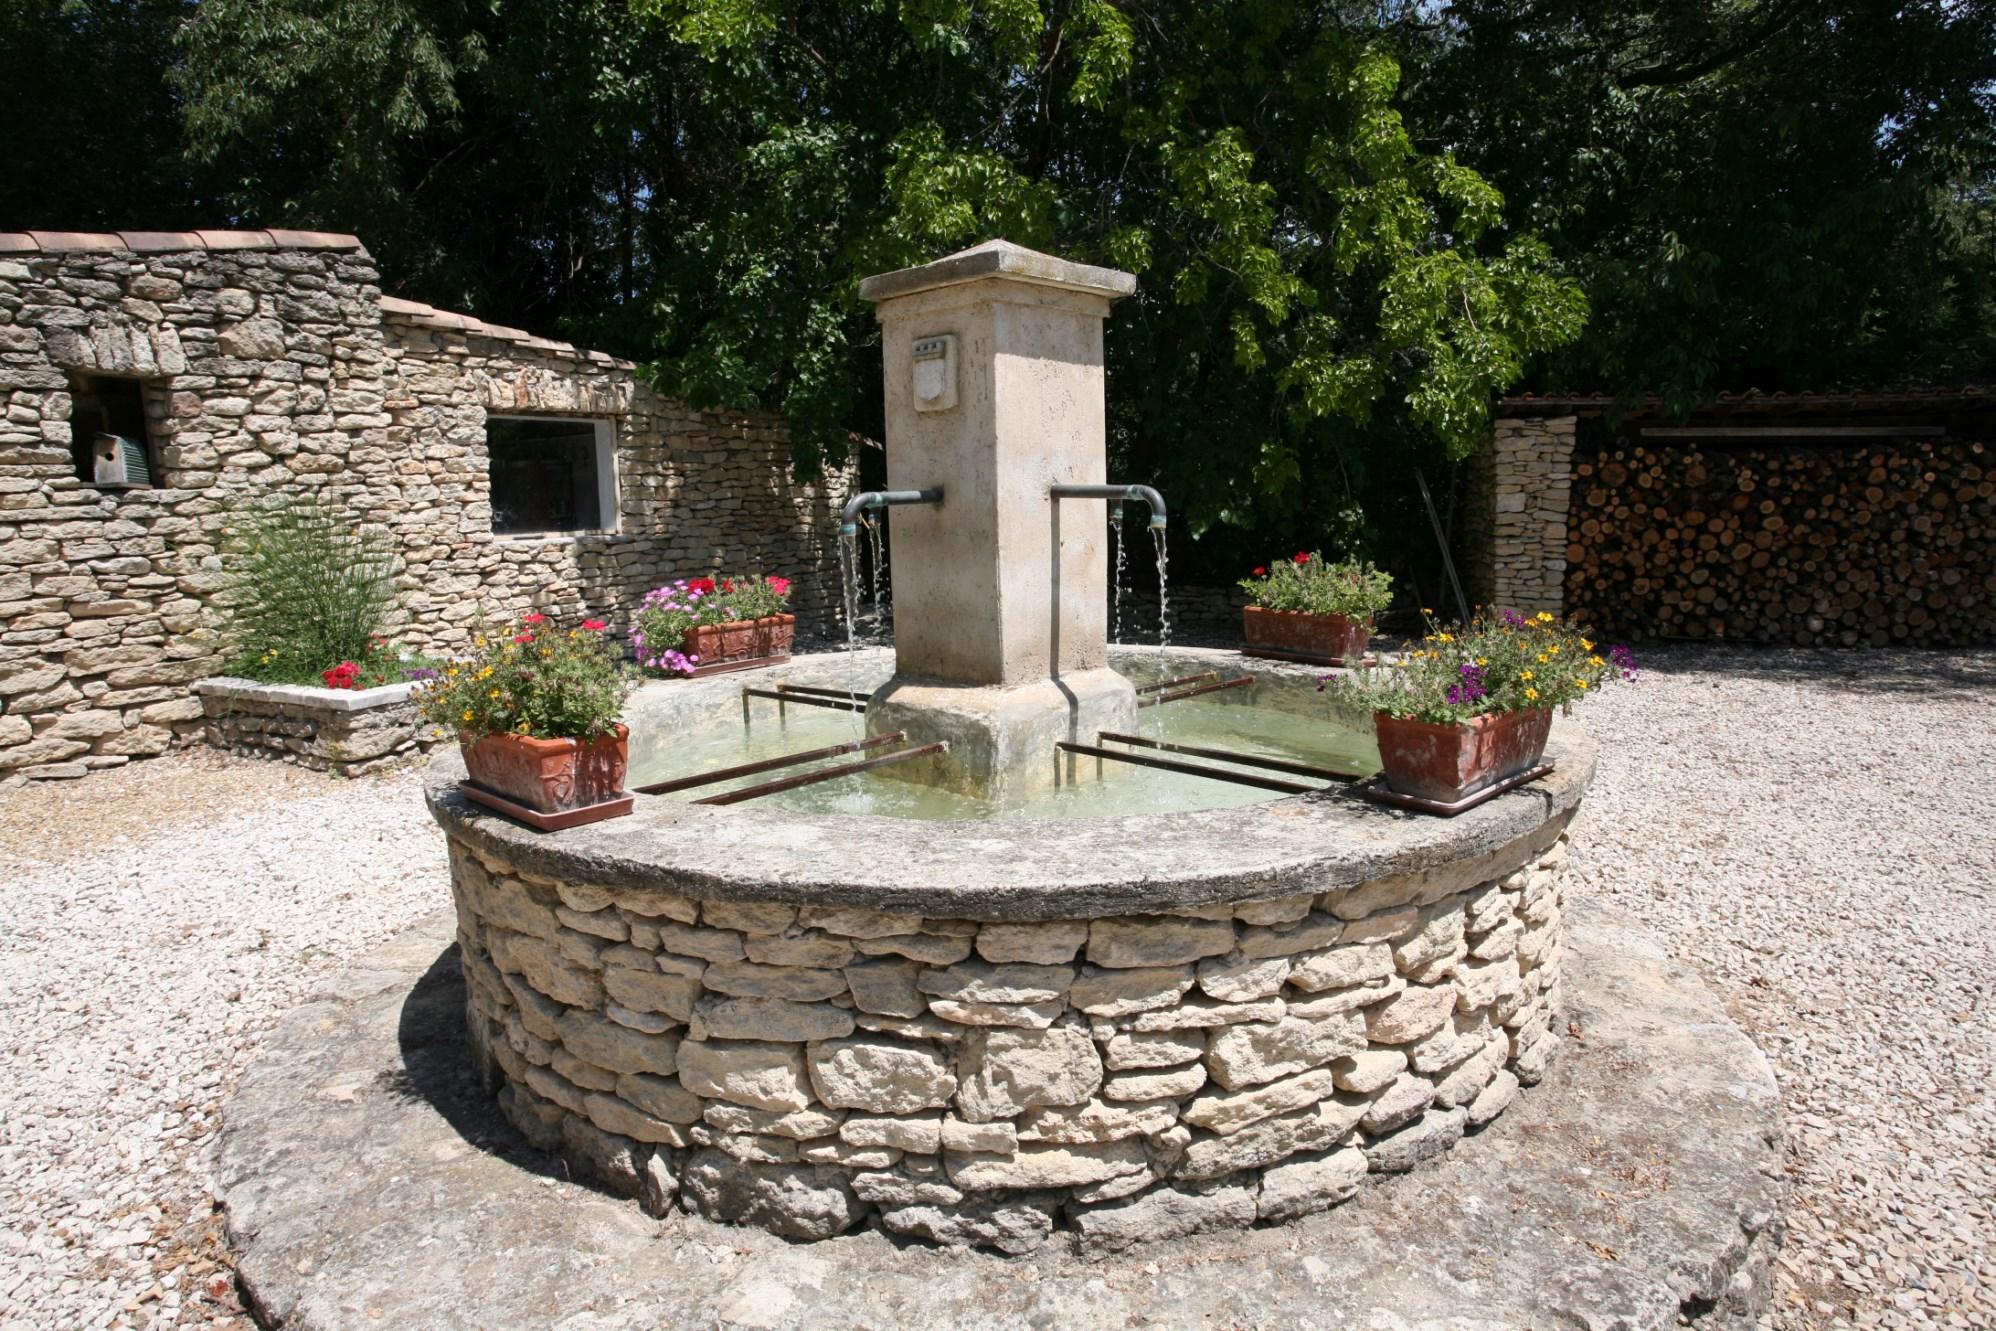 En Luberon, en vente,  en bordure d'un hameau, proche d'un village renommé du Luberon, maison récente avec jardin et piscine